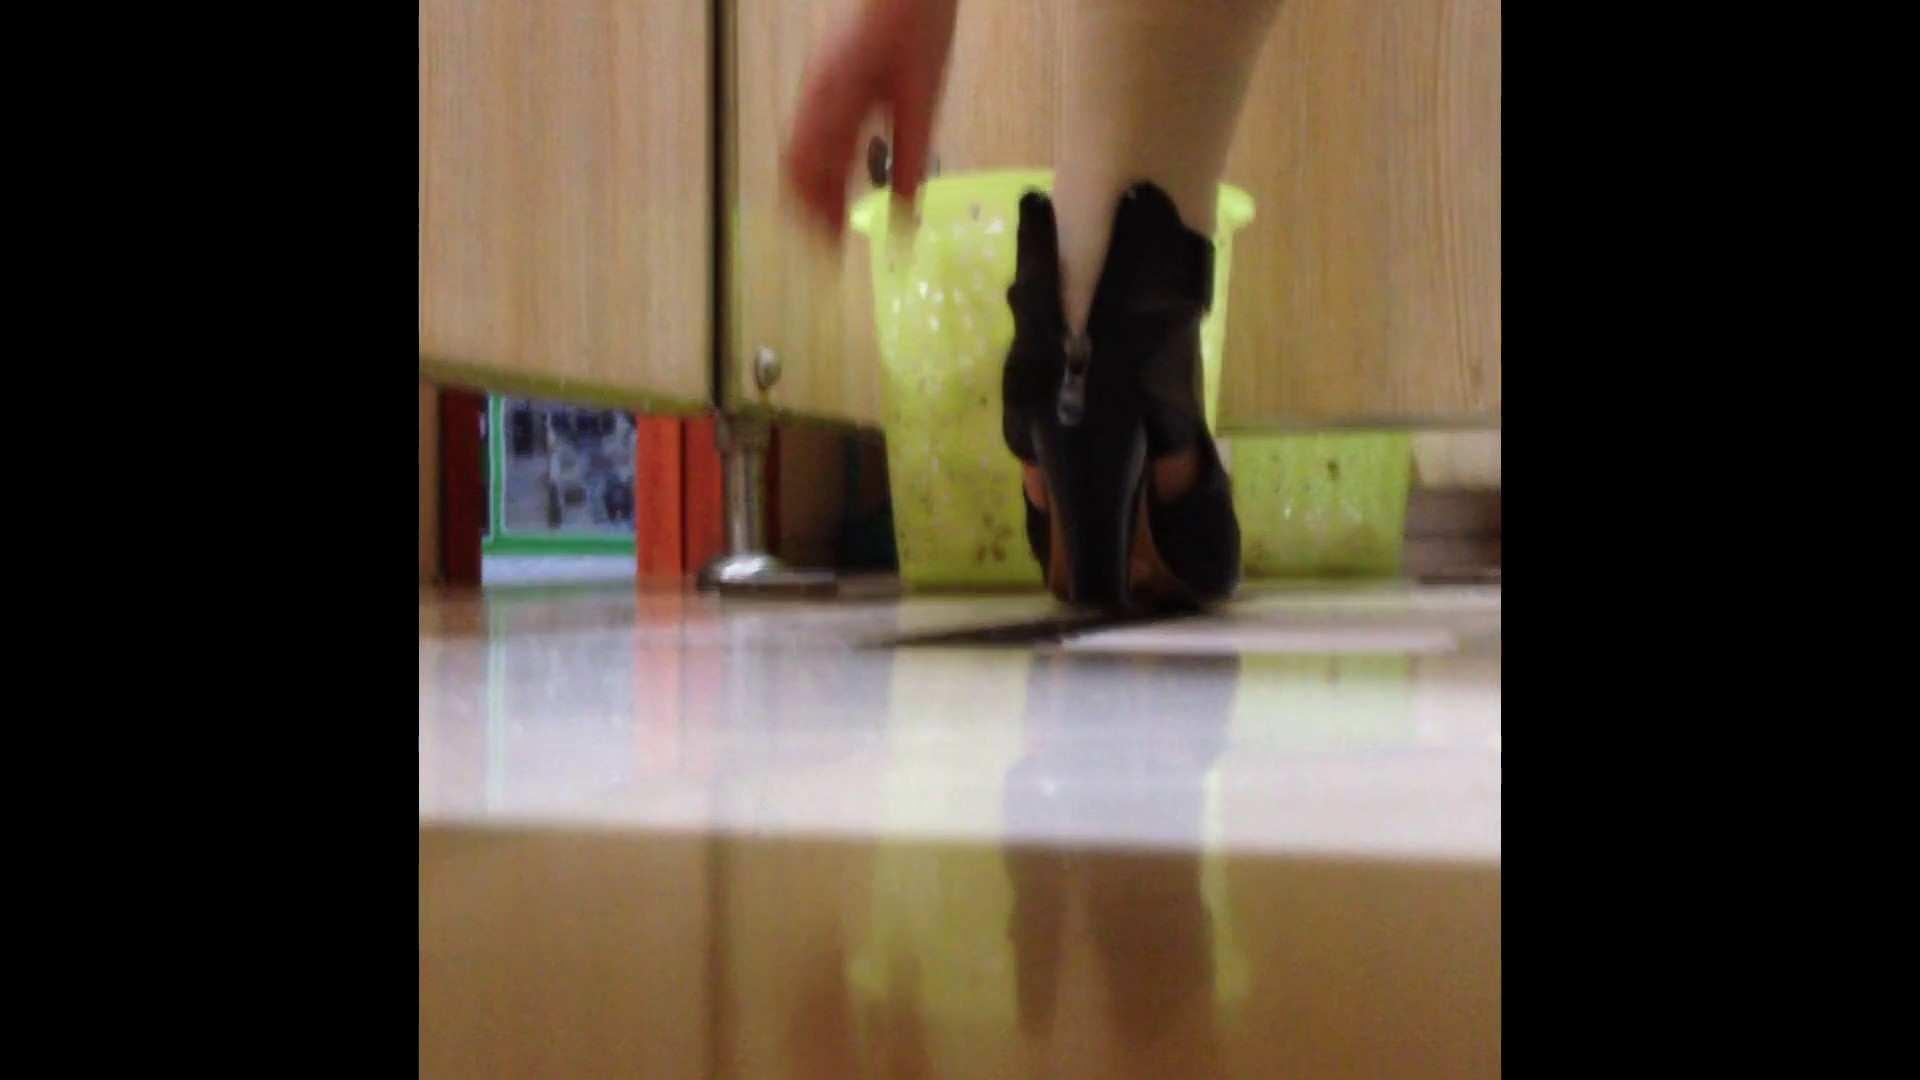 芸術大学ガチ潜入盗撮 JD盗撮 美女の洗面所の秘密 Vol.86 高画質 AV無料 54画像 45